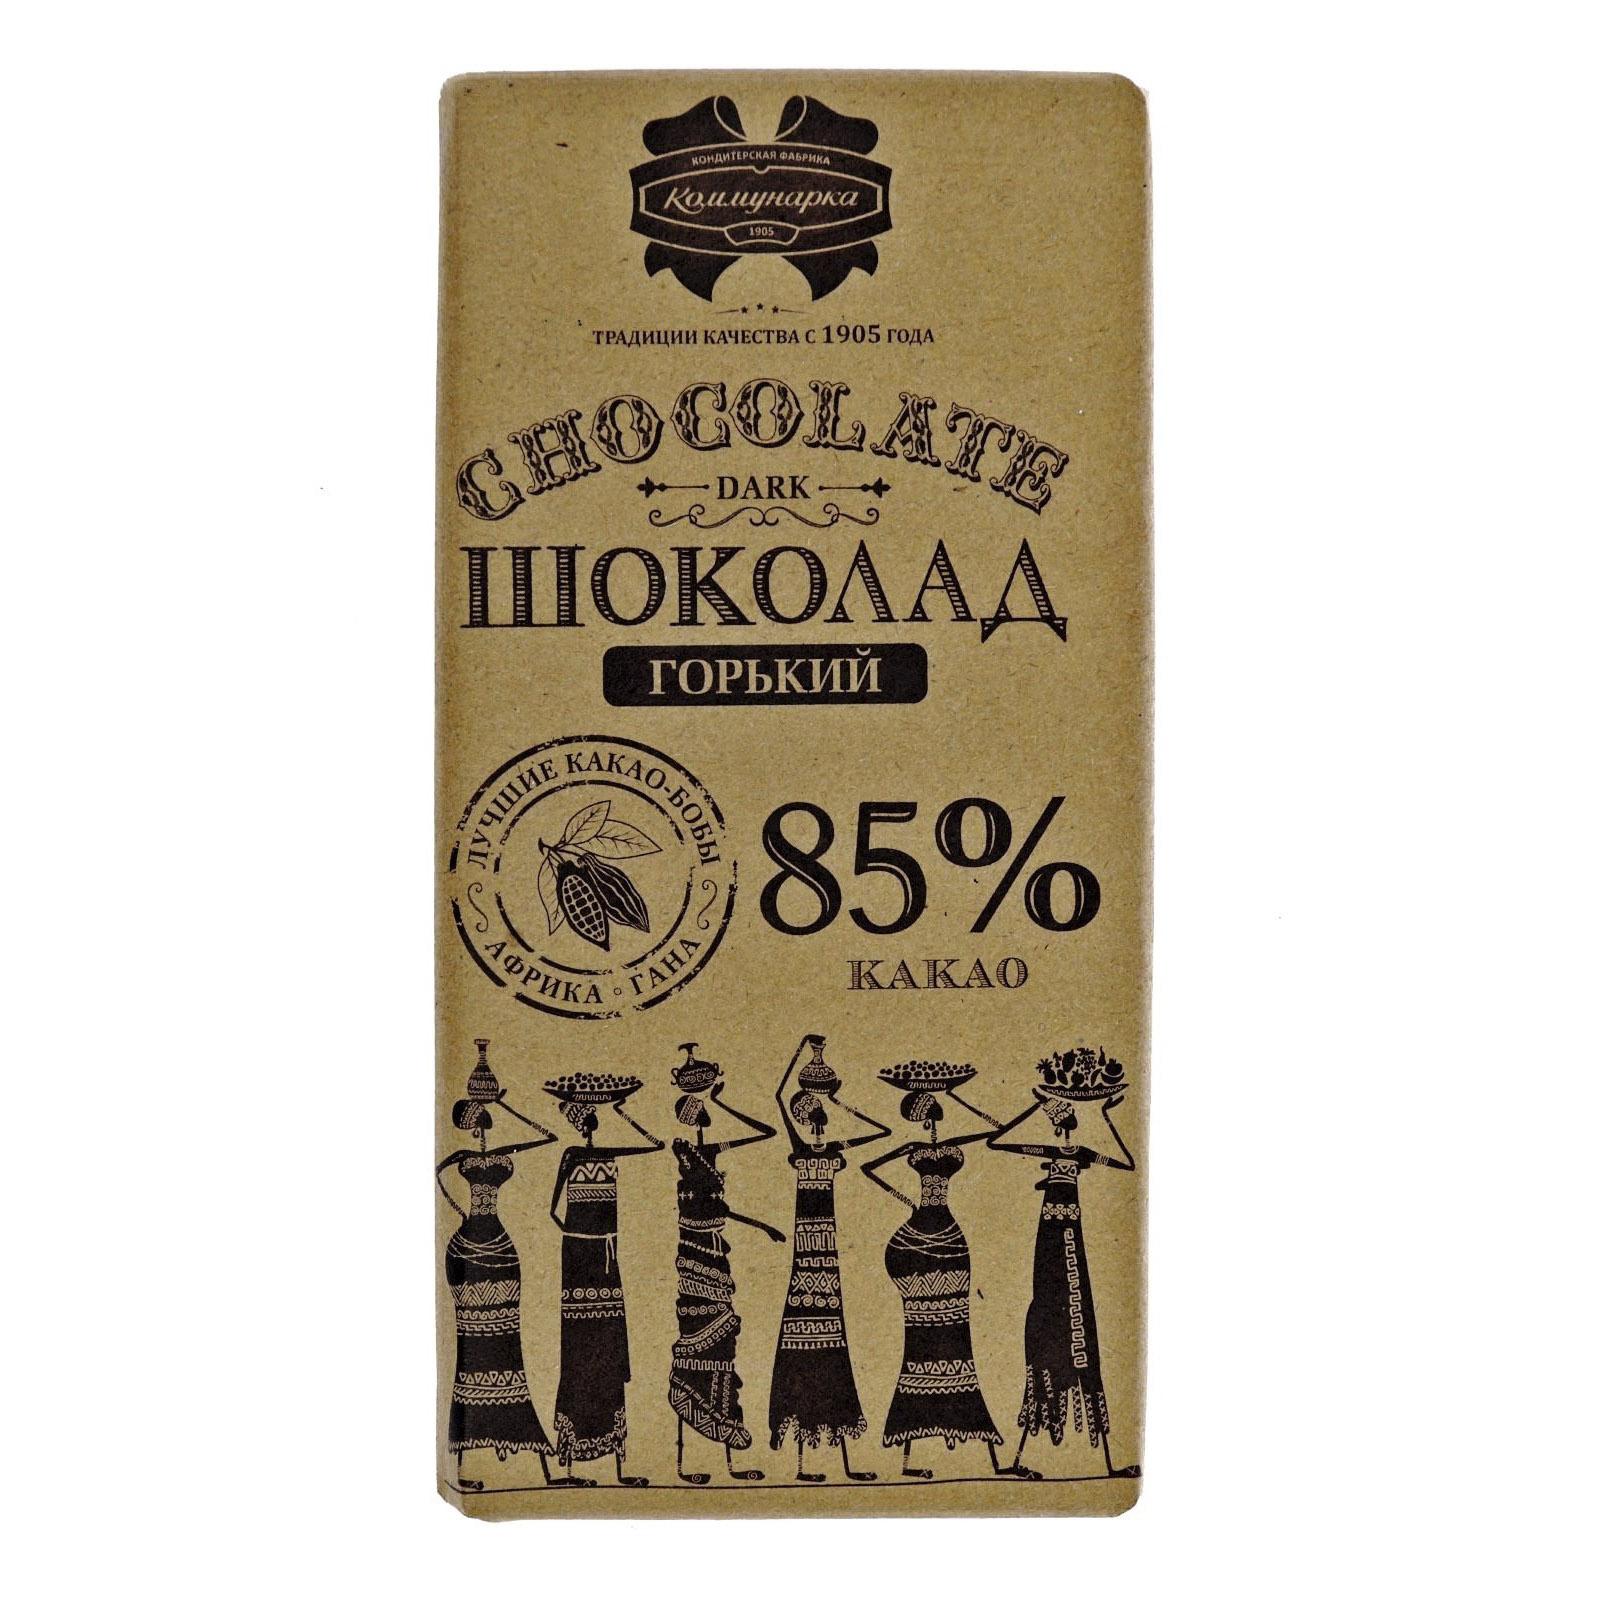 шоколад коммунарка горький десертный 85% 90 г Шоколад Коммунарка горький десертный 85% 90 г